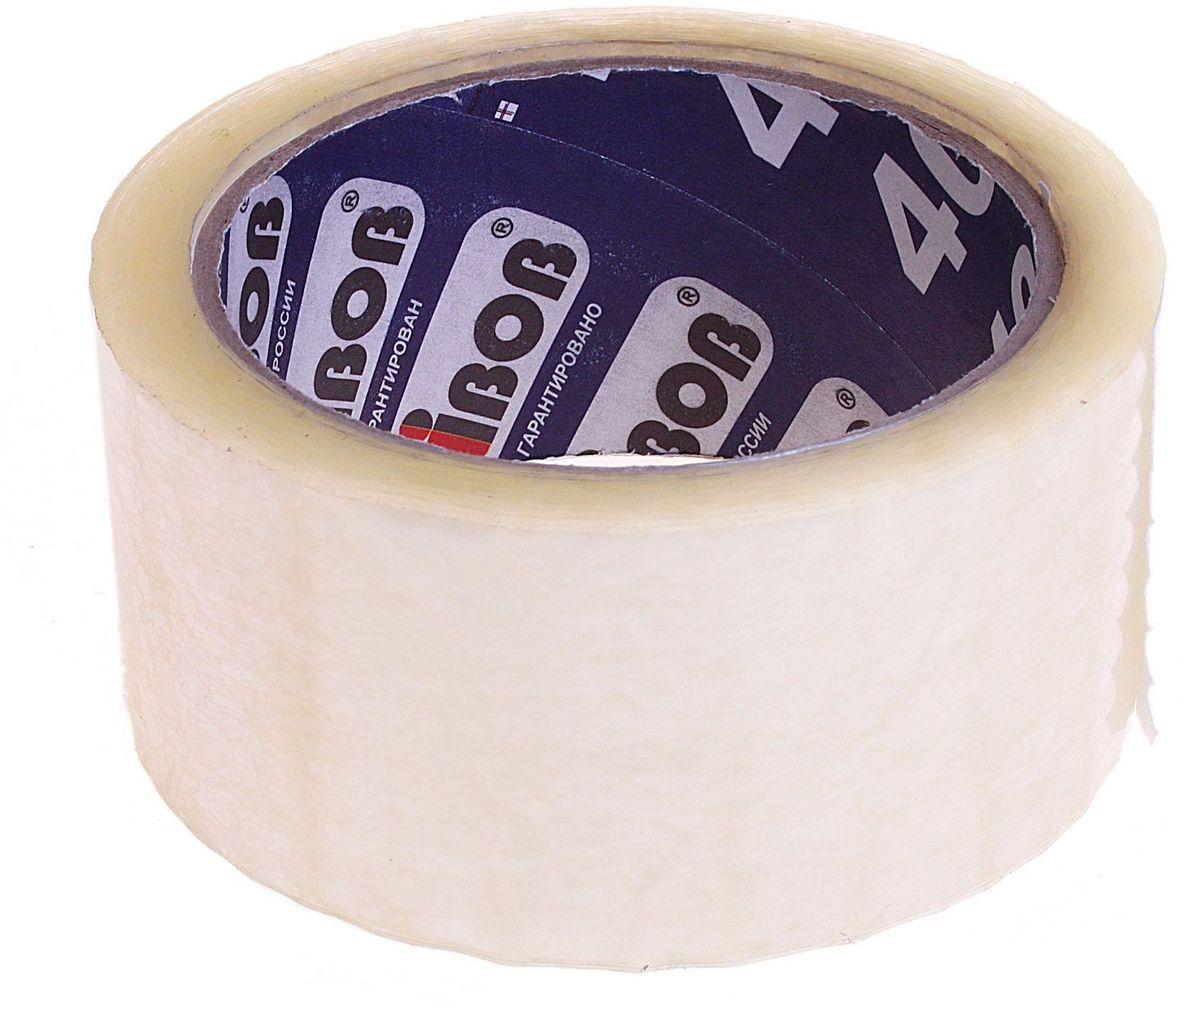 Клейкая лента 48 мм х 66 м цвет прозрачный 584577FS-00101Клейкая лента на полипропиленовой основе это водонепроницаемое изделие, которое способно противостоять широкому диапазону температур. Применяется в быту для упаковки: легких и тяжелых коробок, изготовленных из гофрокартона, строительных смесей, масложировой продукции и мороженого, канцелярских товаров, промышленных товаров. Клейкая лента поможет скрепить предметы в любой ситуации, например, если вы делаете ремонт или меняете место жительства и пакуете коробки.